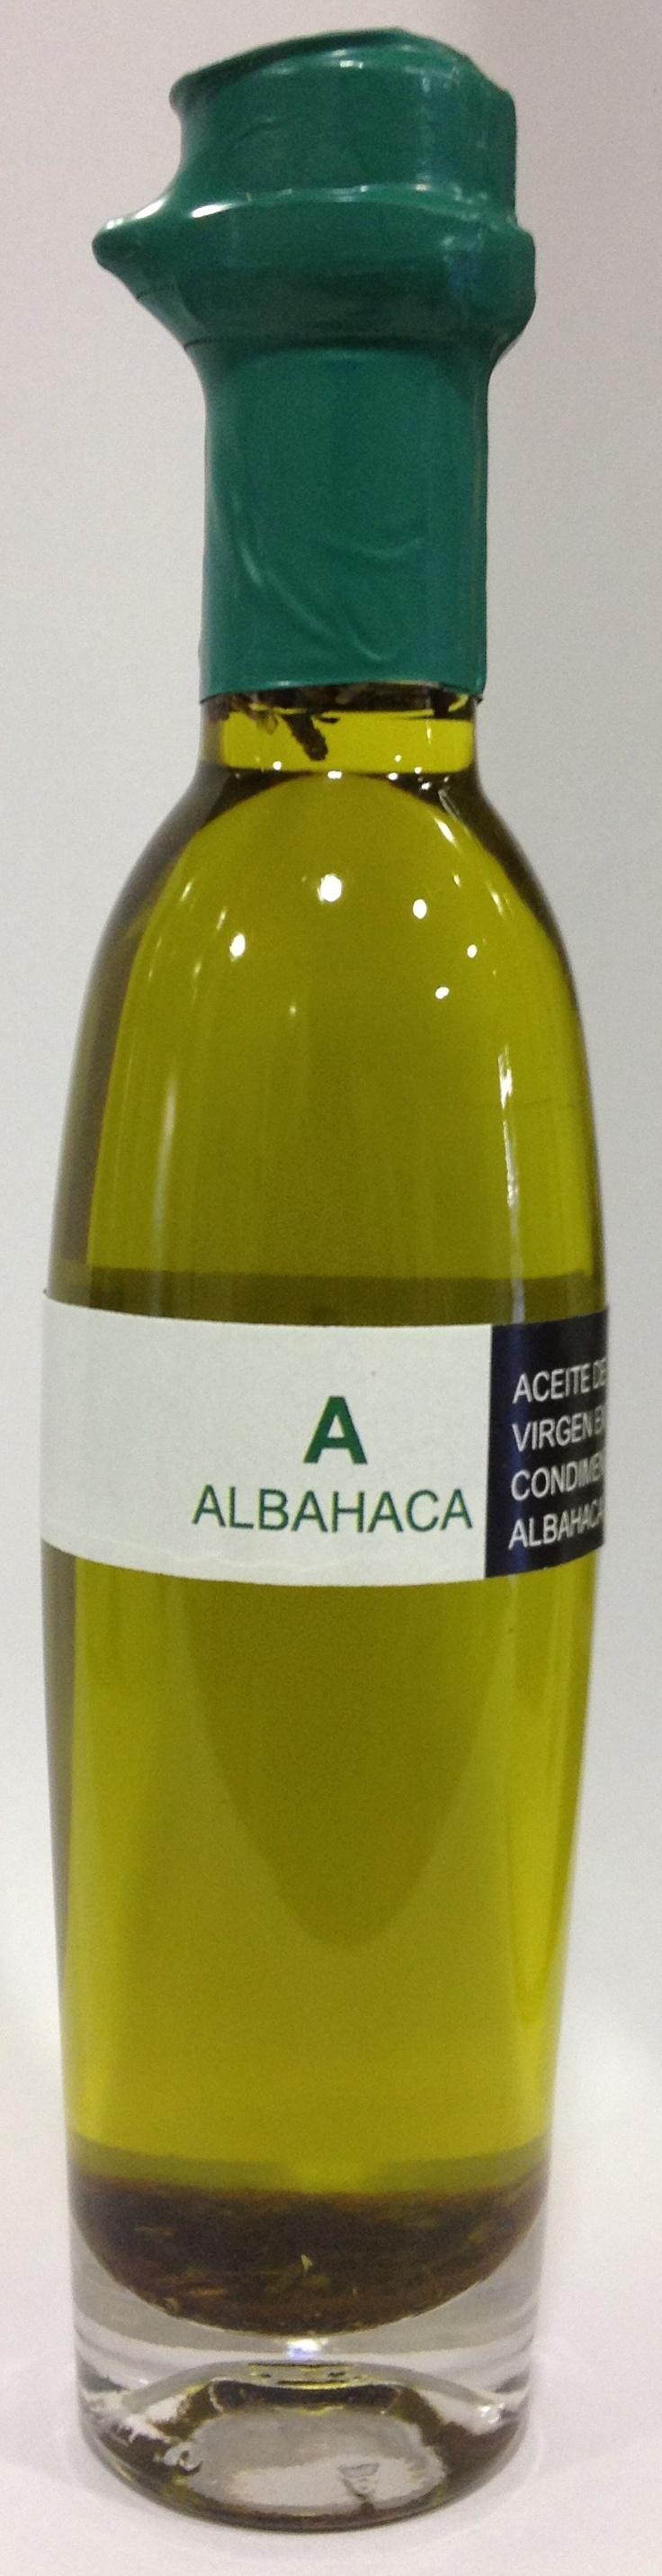 Aceite de oliva virgen extra ecostean con albahaca.